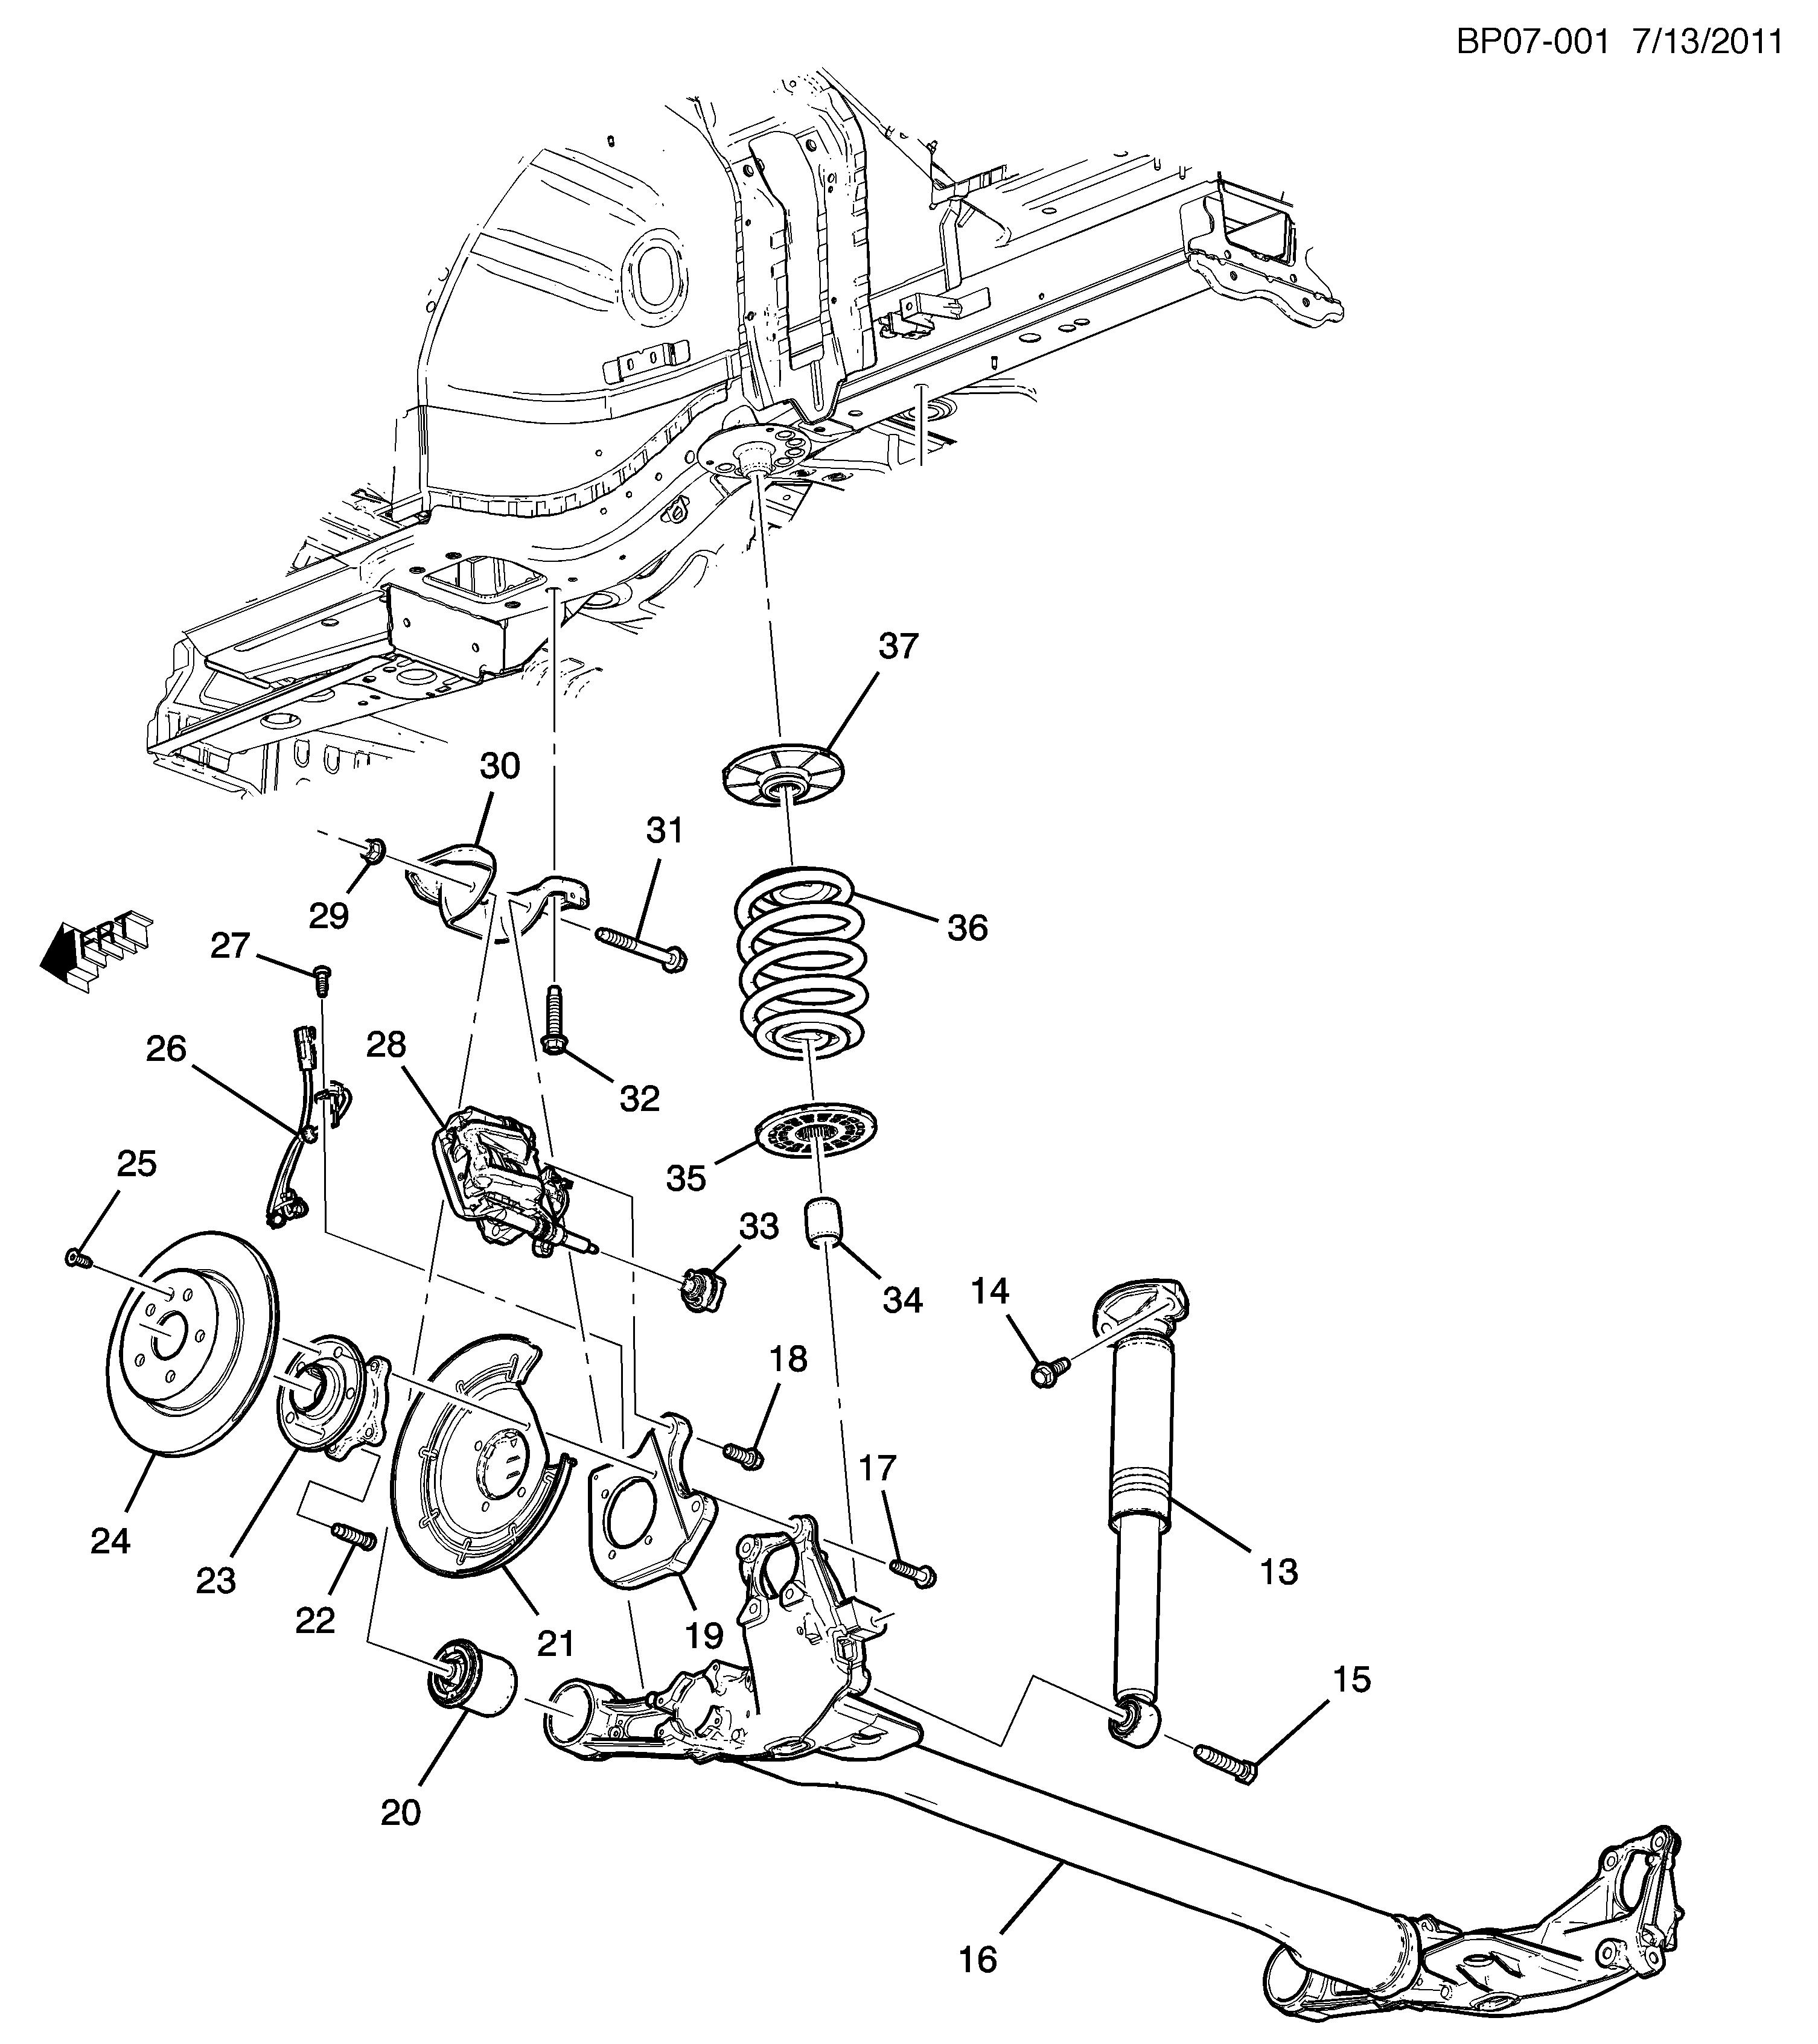 Peca Chevrolet Acessorios Para Carros Catalogo De Pecas Picapes